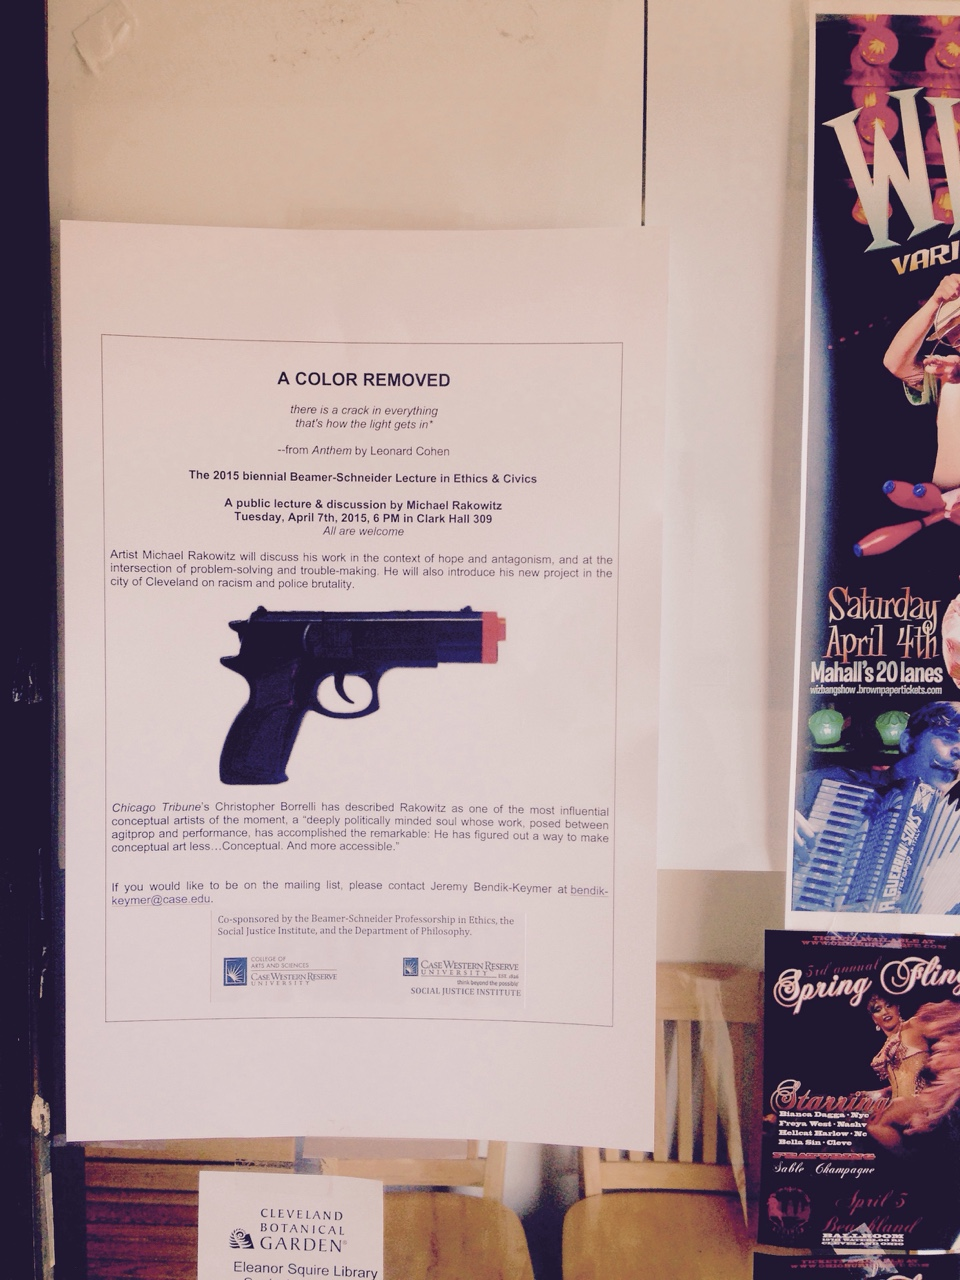 A flyer for Rakowitz's lecture (photo by Jeremy David Bendik-Keymer)